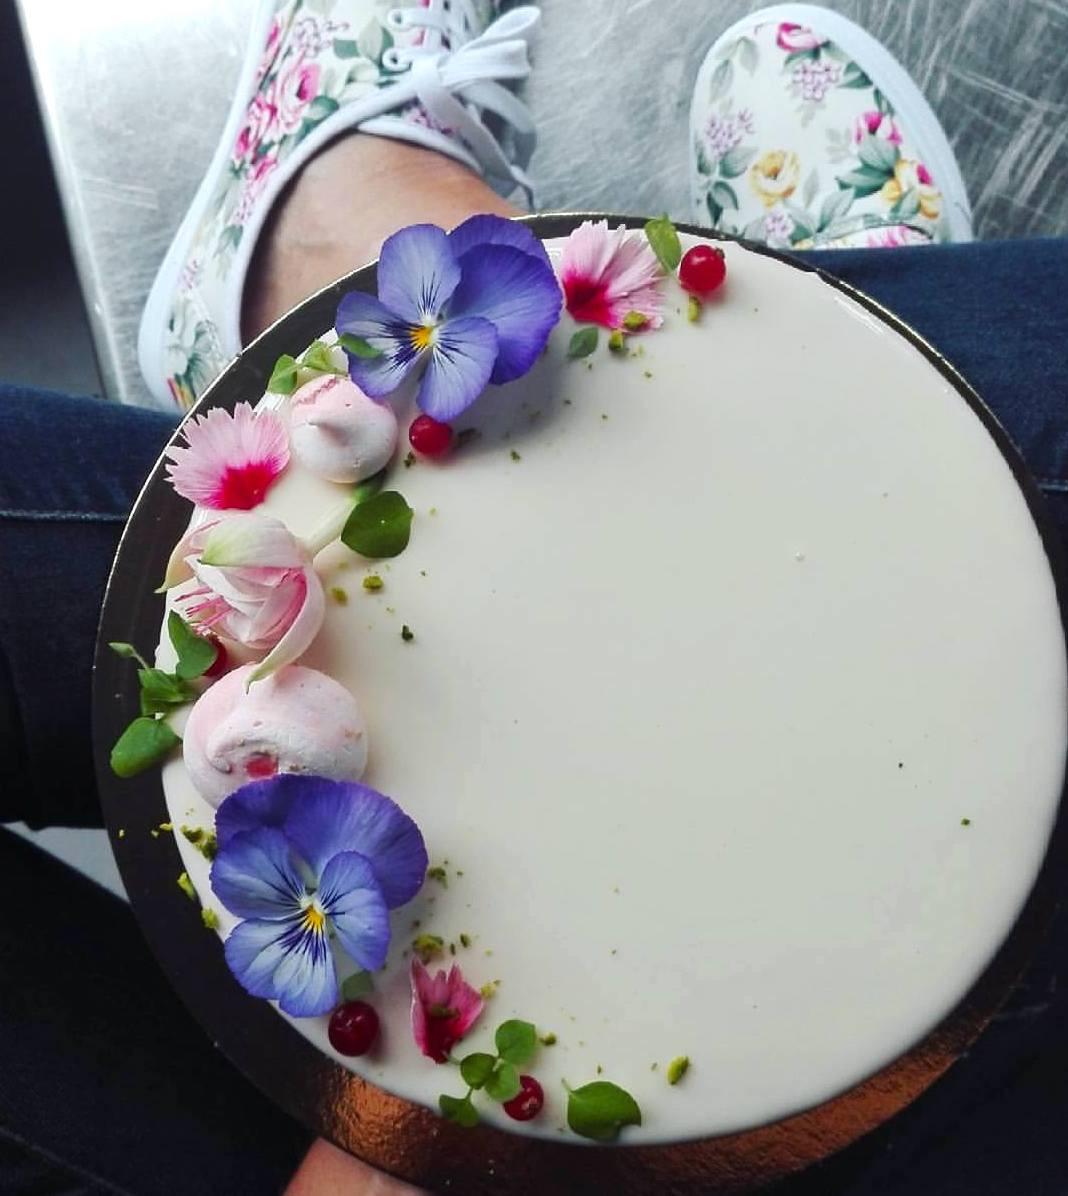 Un exemple d'entremets floral proposé par Cokoa à Bruxelles. (Photo: Cokoa)